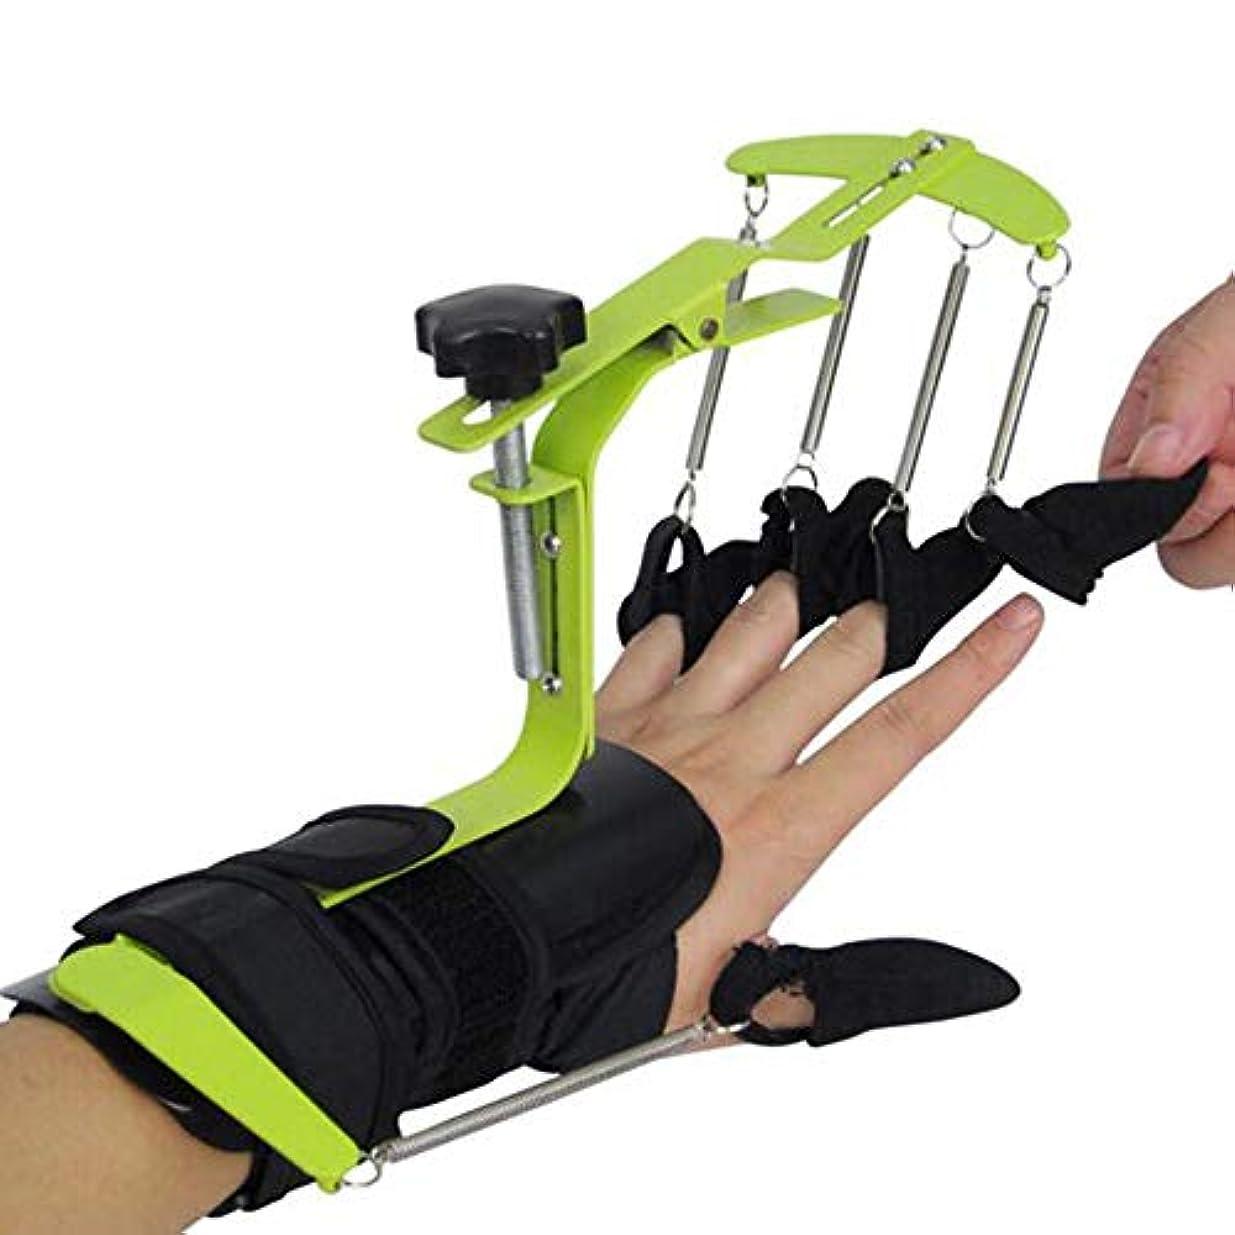 視線流す報復片麻痺性脳性麻痺リハビリテーションのために機能する指の訓練装置訓練装置ブレースボード別々の親指手首ブレース手